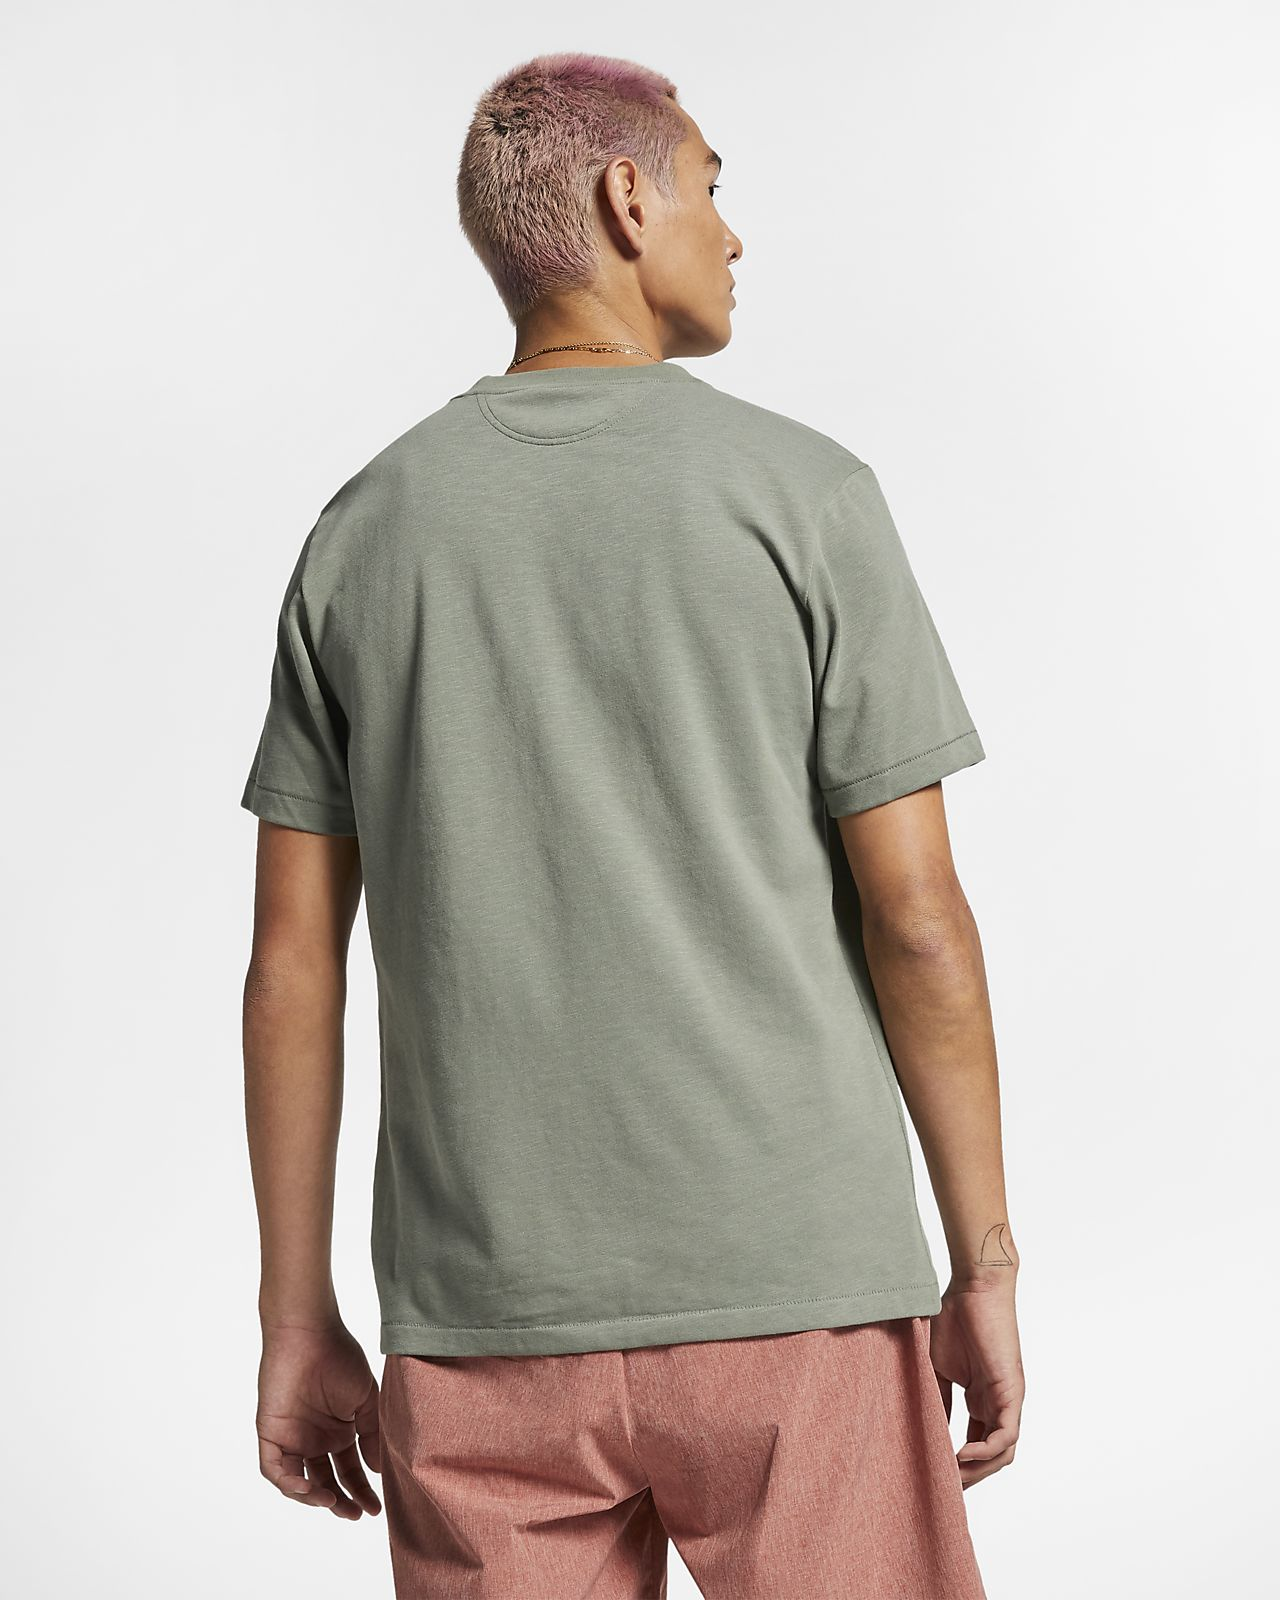 competitive price 7f4a0 6b9c9 ... Kortärmad tröja Hurley Dri-FIT Savage för män